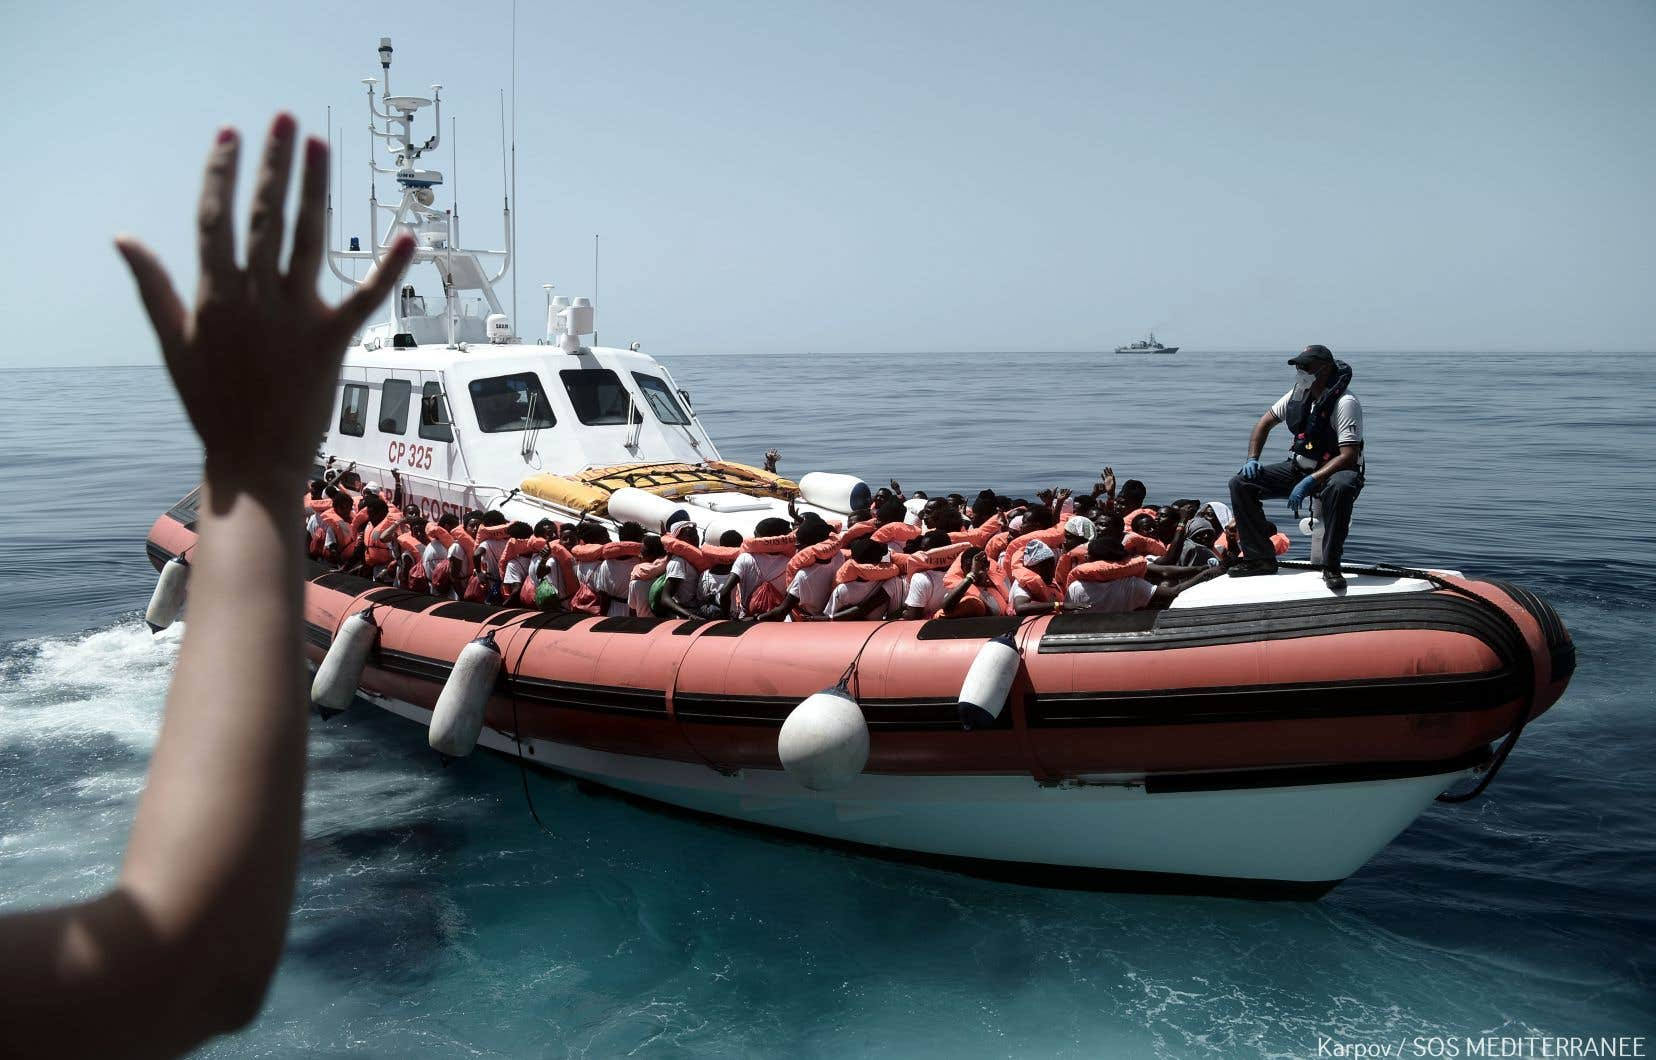 Certains rescapés ont été transférés à bord de deux navires italiens.